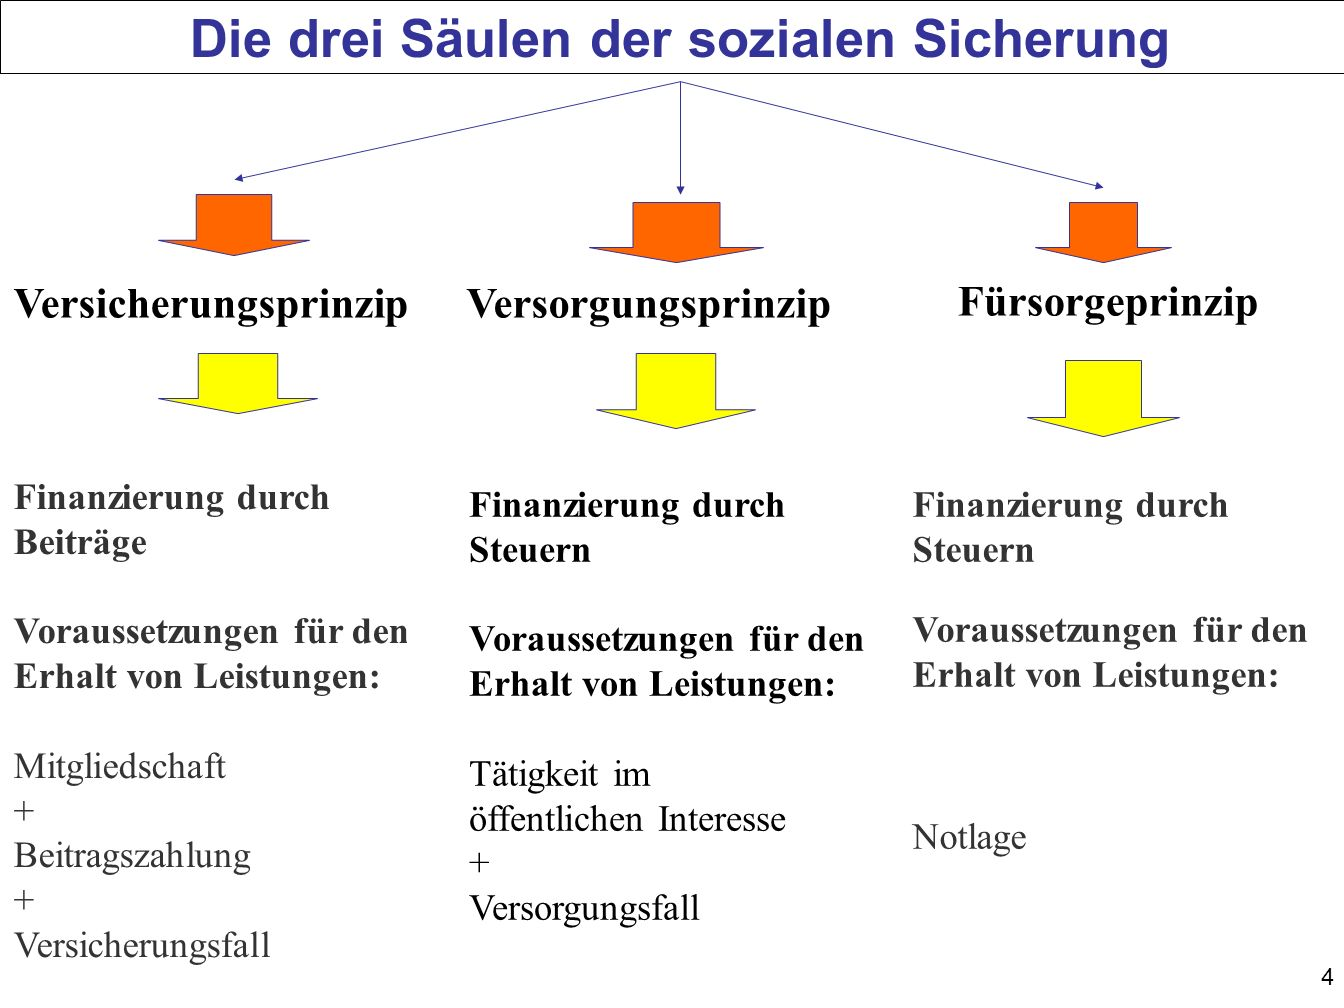 4 Die drei Säulen der sozialen Sicherung Versicherungsprinzip Fürsorgeprinzip Versorgungsprinzip Finanzierung durch Beiträge Voraussetzungen für den Erhalt von Leistungen: Mitgliedschaft + Beitragszahlung + Versicherungsfall Finanzierung durch Steuern Voraussetzungen für den Erhalt von Leistungen: Tätigkeit im öffentlichen Interesse + Versorgungsfall Finanzierung durch Steuern Voraussetzungen für den Erhalt von Leistungen: Notlage